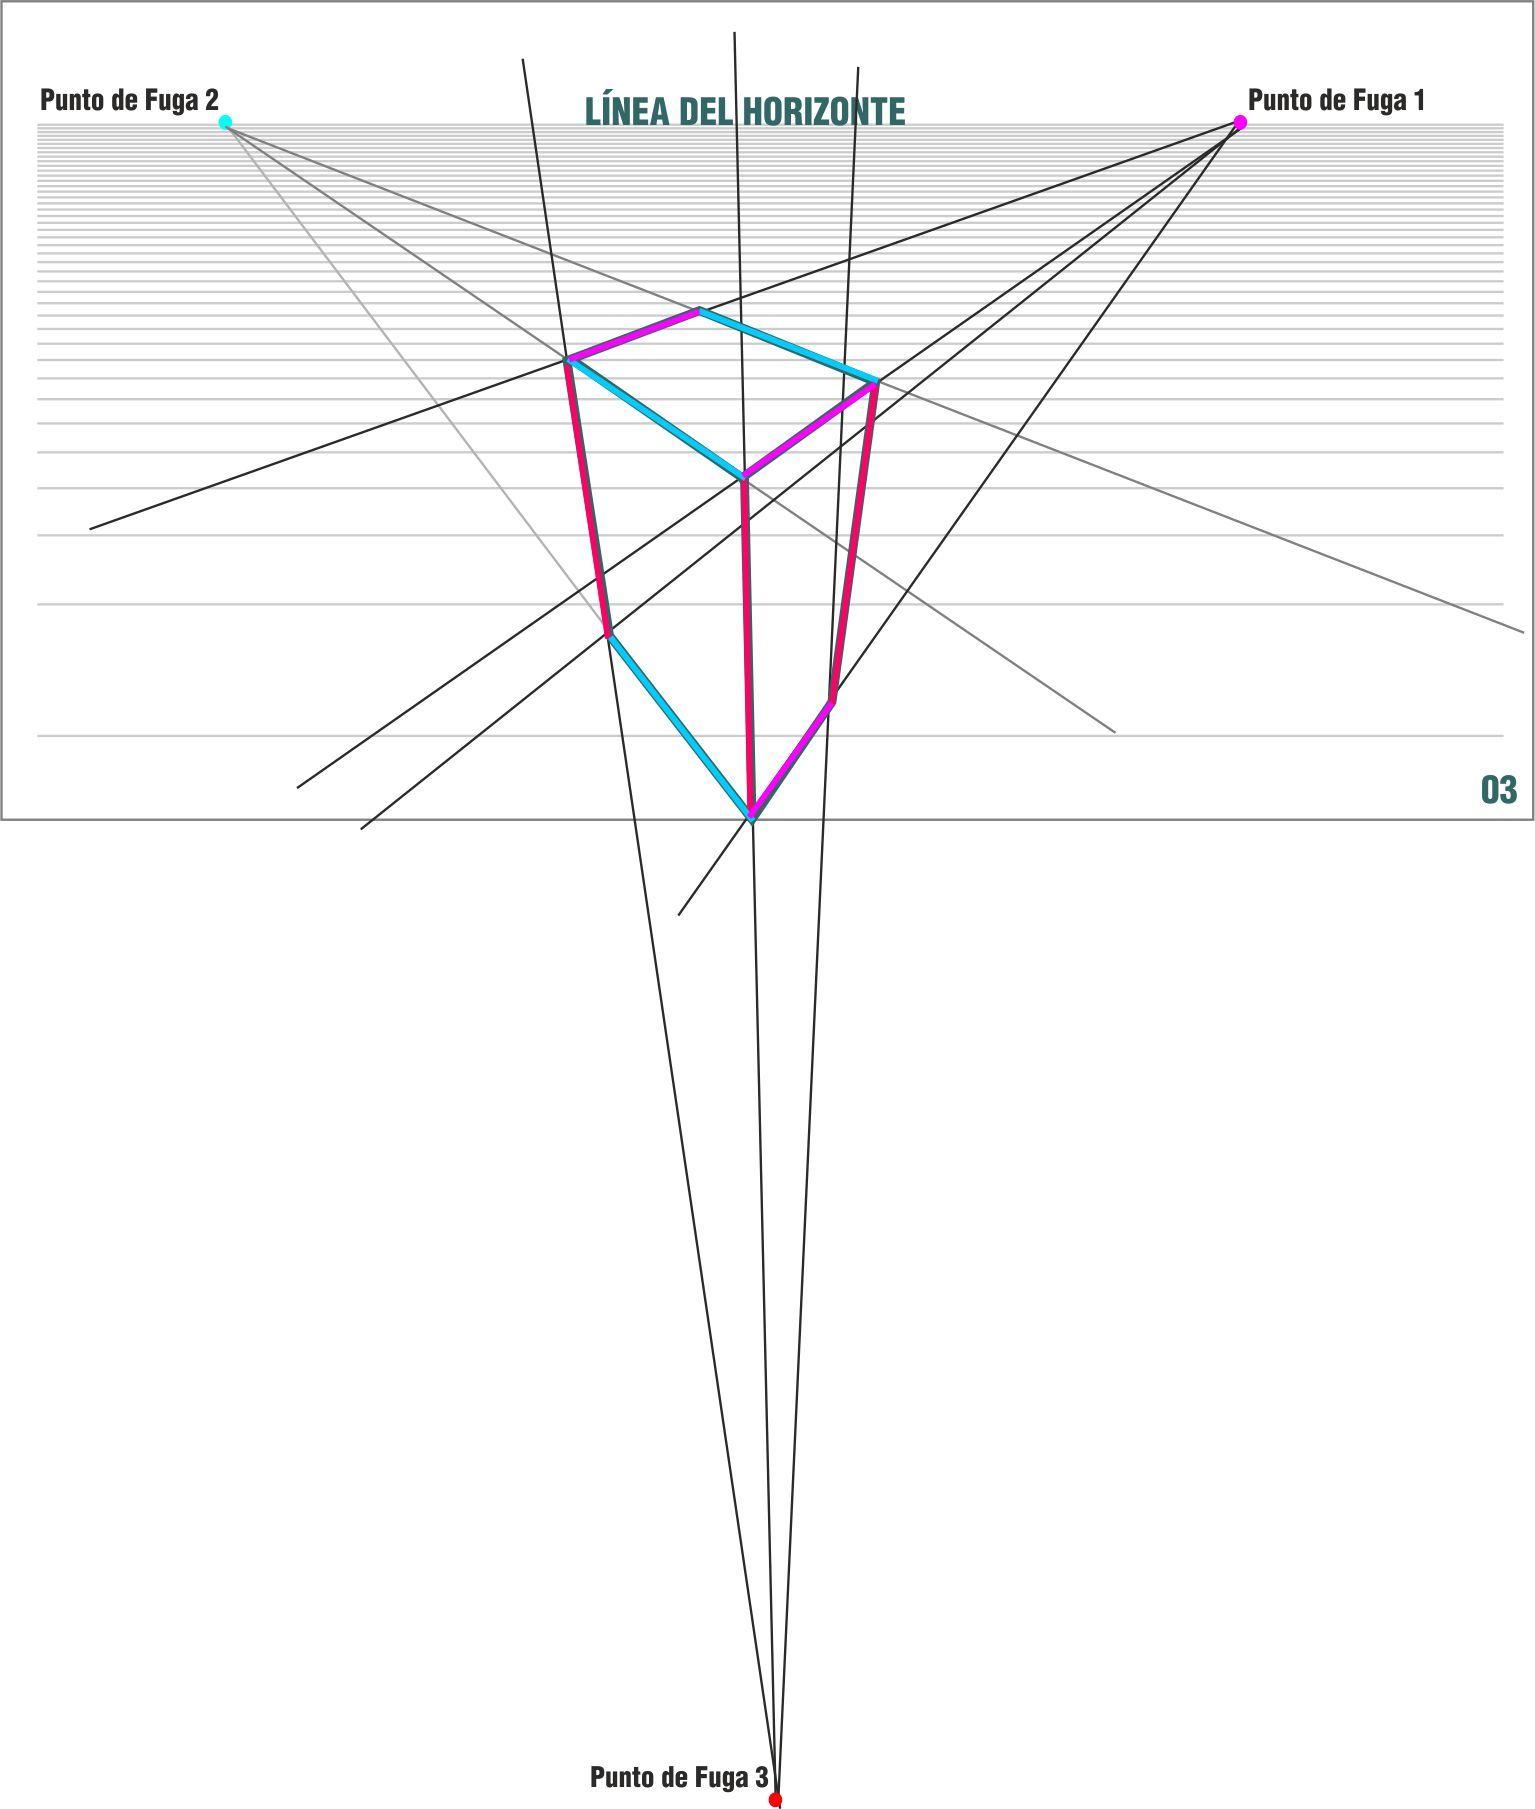 Imagenes Con 1 2 Y Hasta 3 Puntos De Fuga Tutoriales De Perspectiva En Dibujo Tradicional Dibuj 3 Puntos De Fuga Punto De Fuga Como Dibujar En Perspectiva